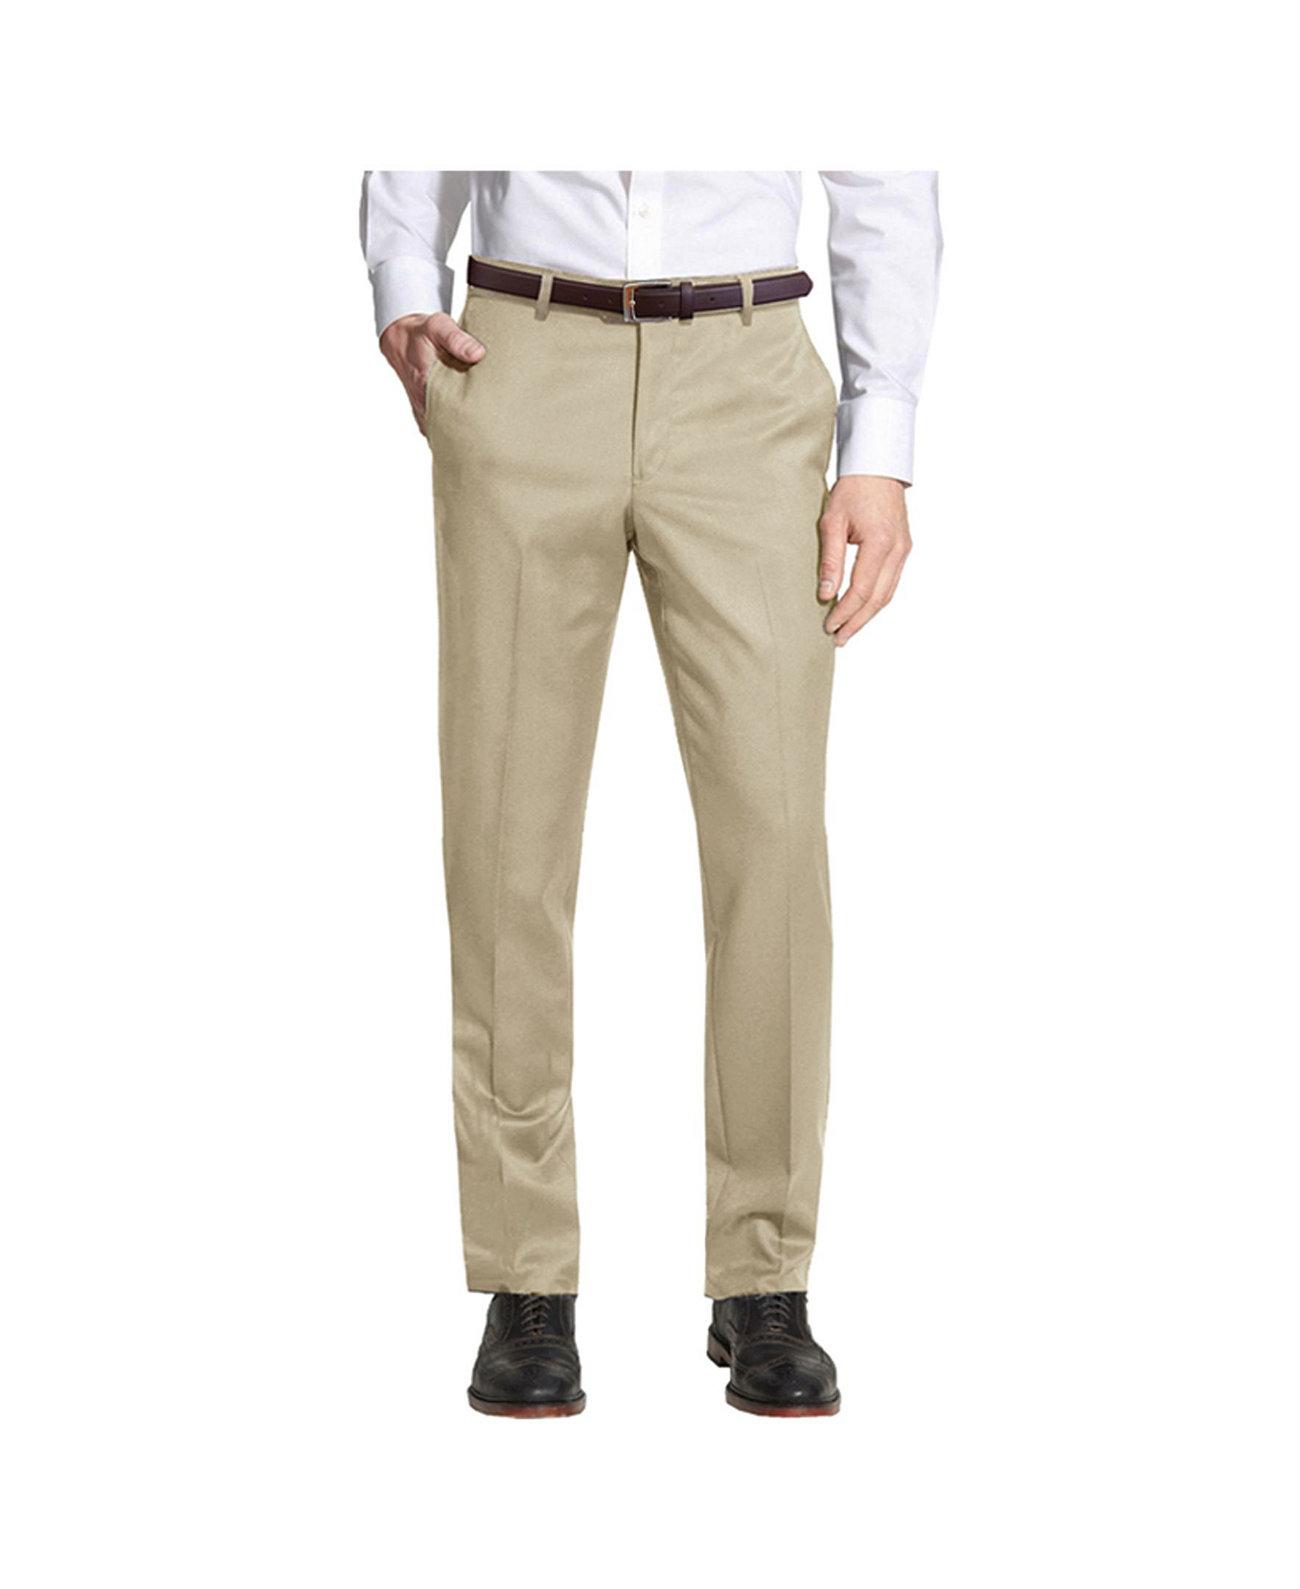 Enrico Bertucci Мужские облегающие классические брюки с поясом Galaxy By Harvic